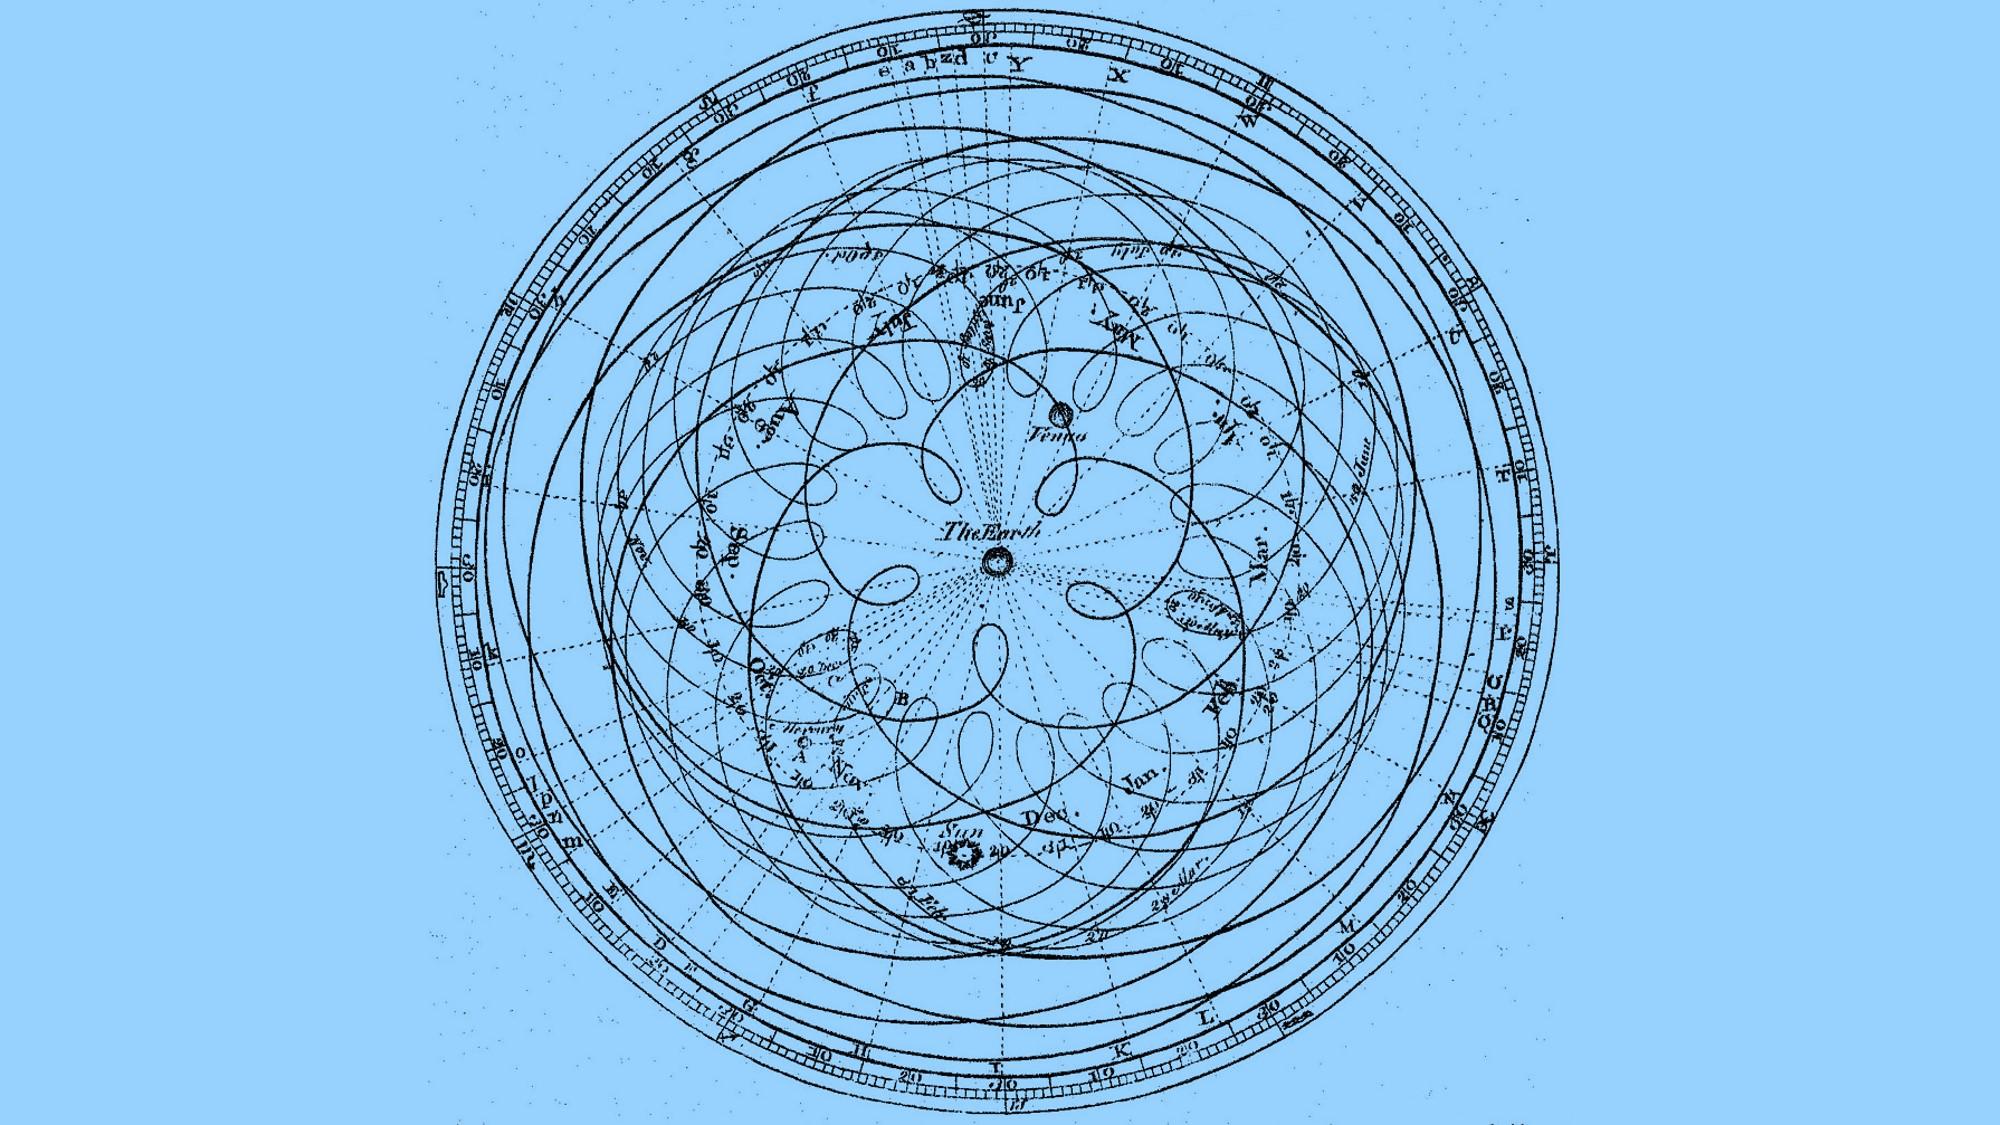 מודל שגוי, אבל מוצלח: תרשים מהמאה ה-18 של האפיצקלים של תלמי ותנועת כוכבי הלכת סביב הארץ | מקור: ויקיפדיה, נחלת הכלל